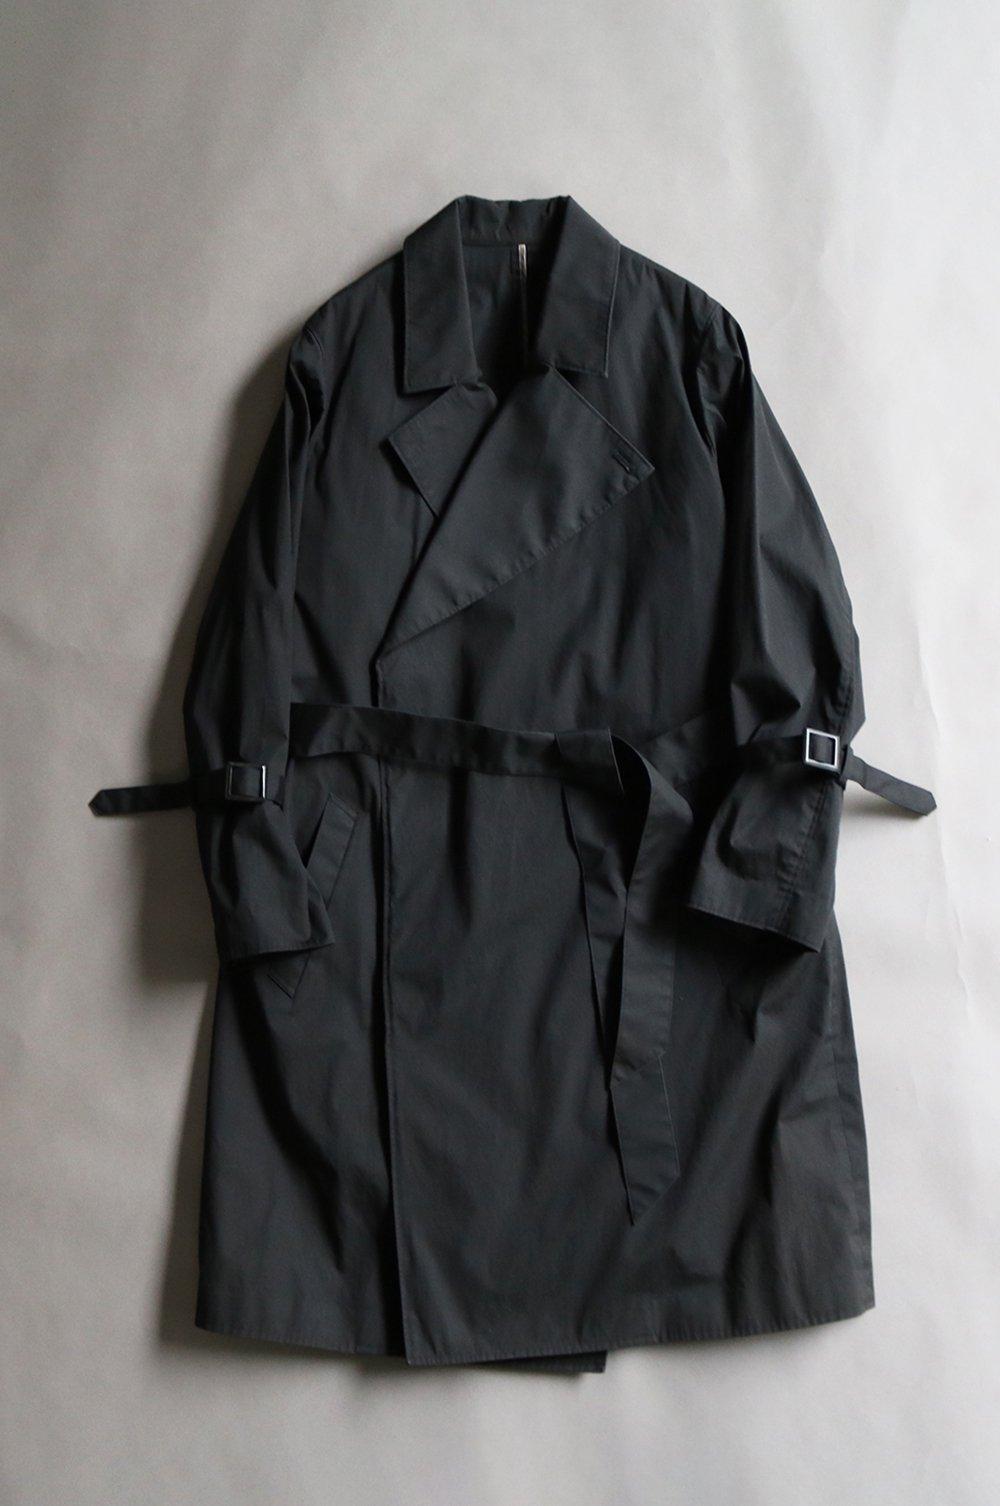 Rainy belted coat